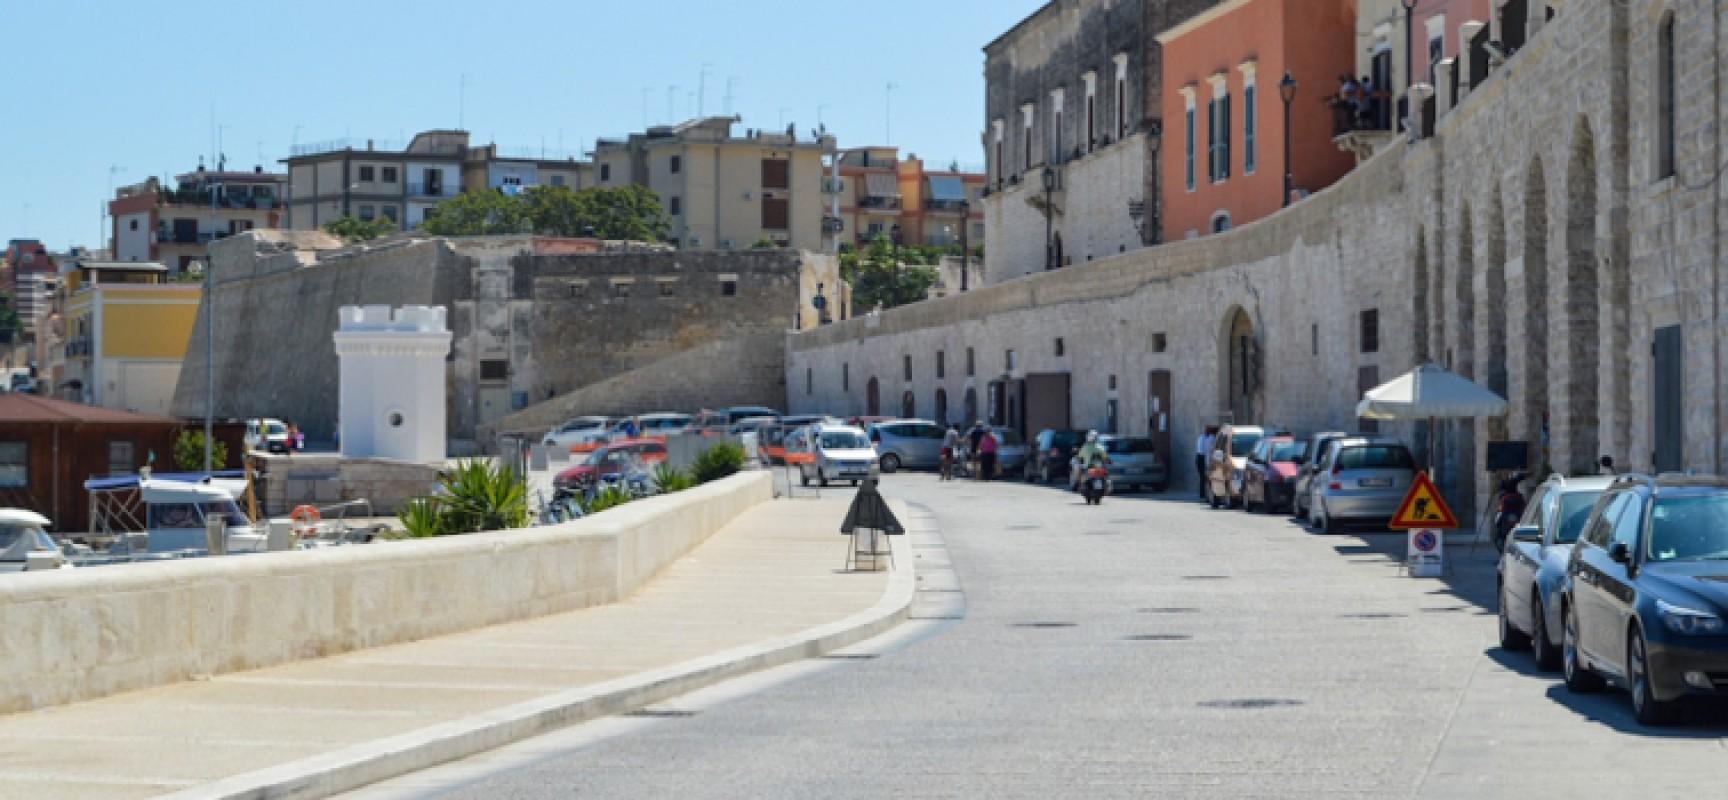 Via Nazario Sauro, divieto di fermata su ambo i lati per tutti i veicoli